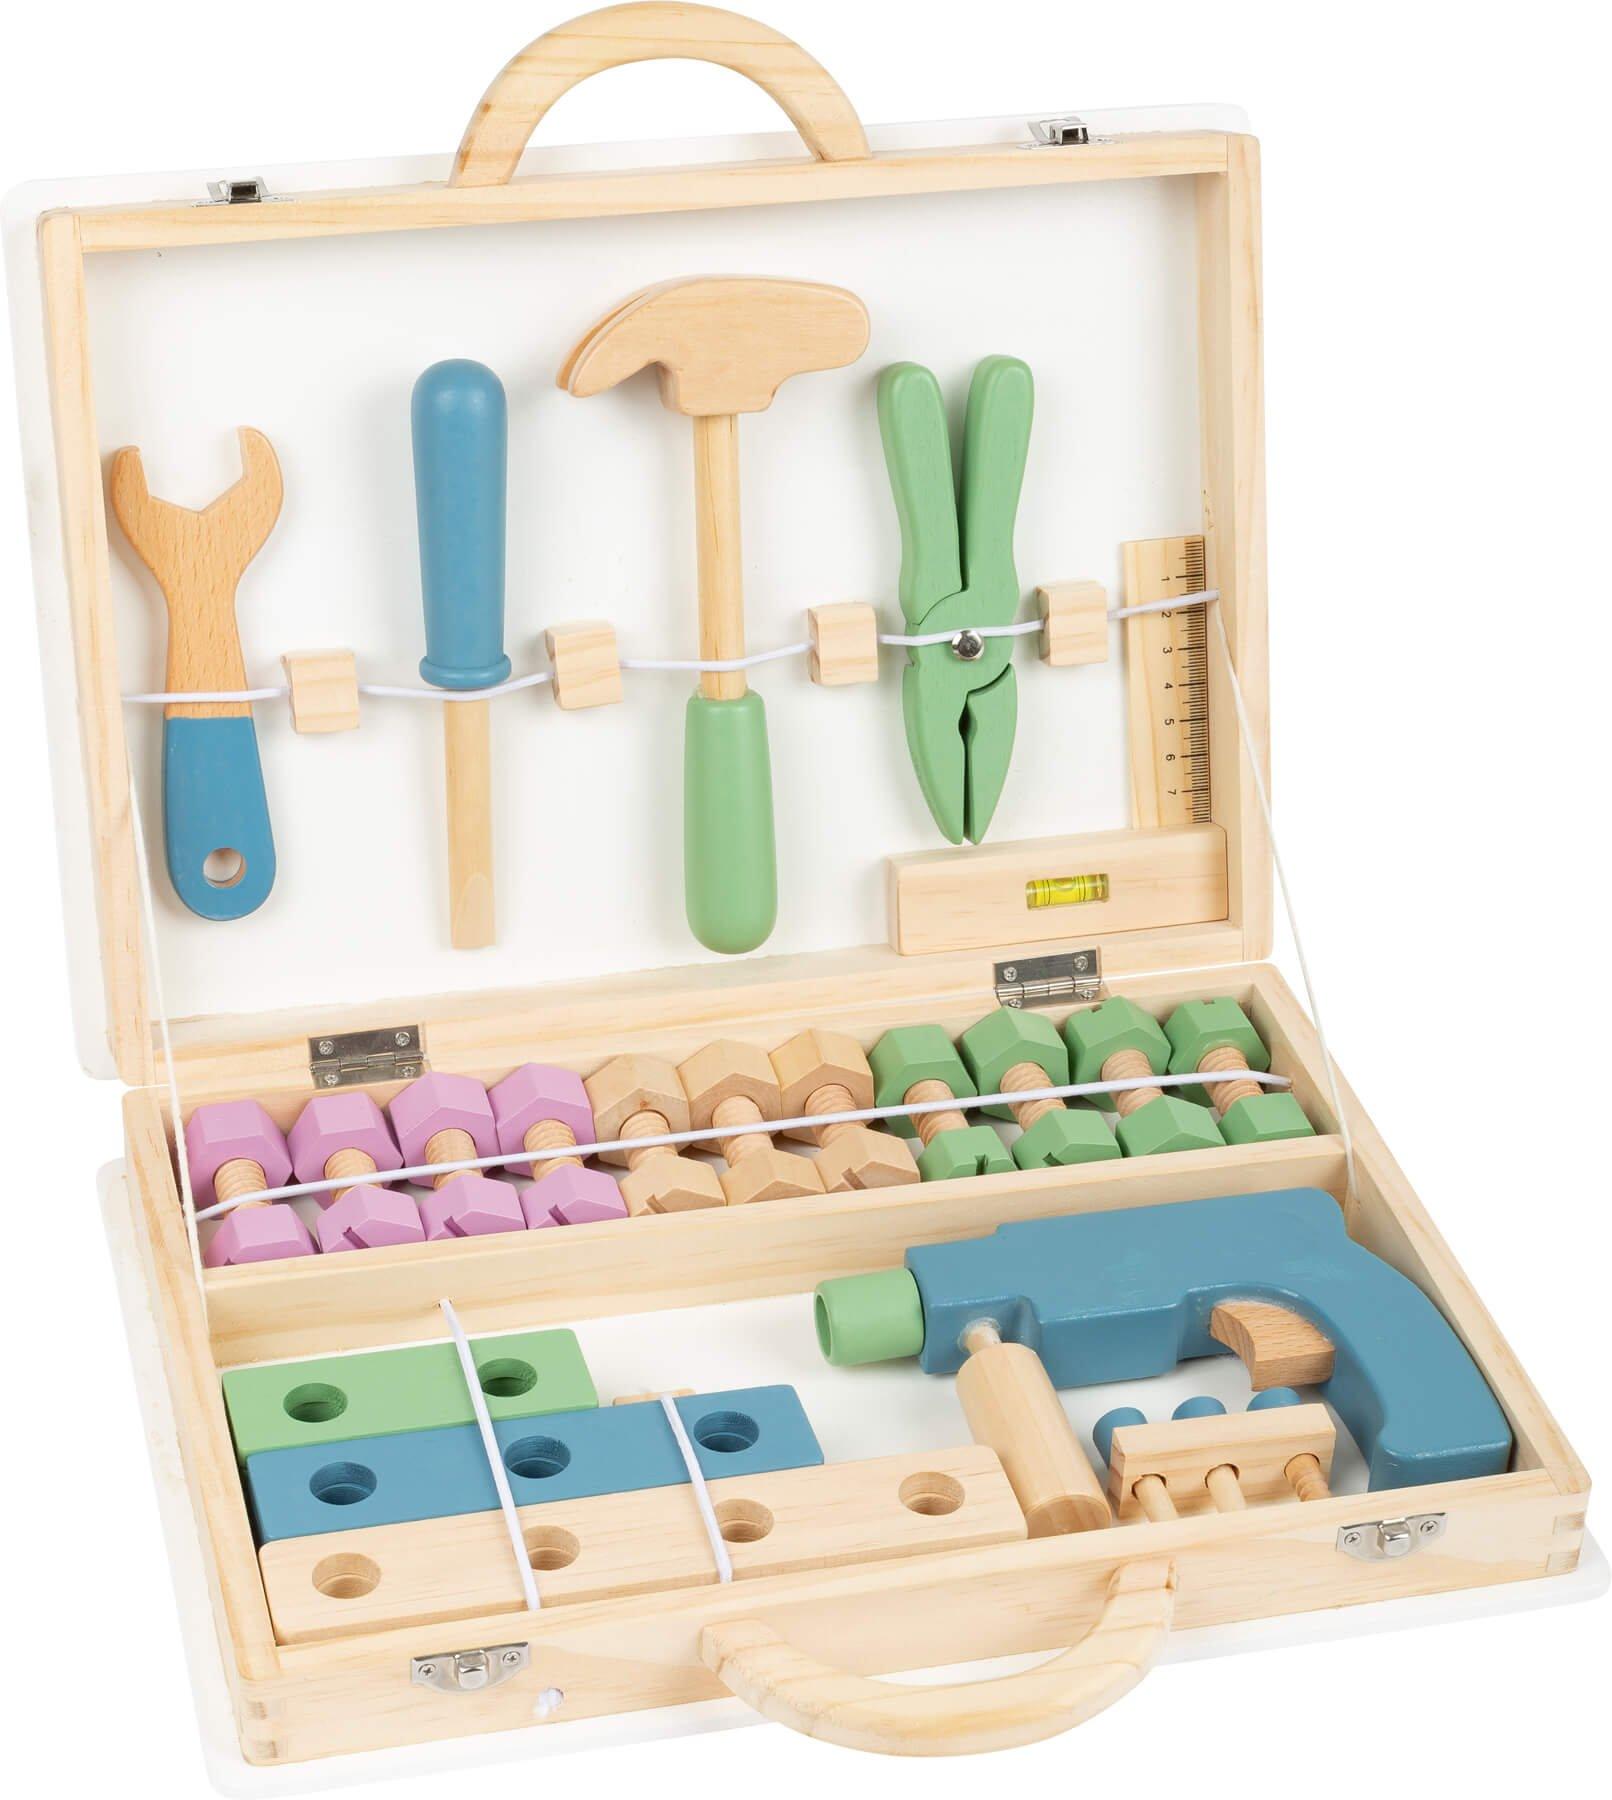 Værktøjskasse i træ i kuffert med navn